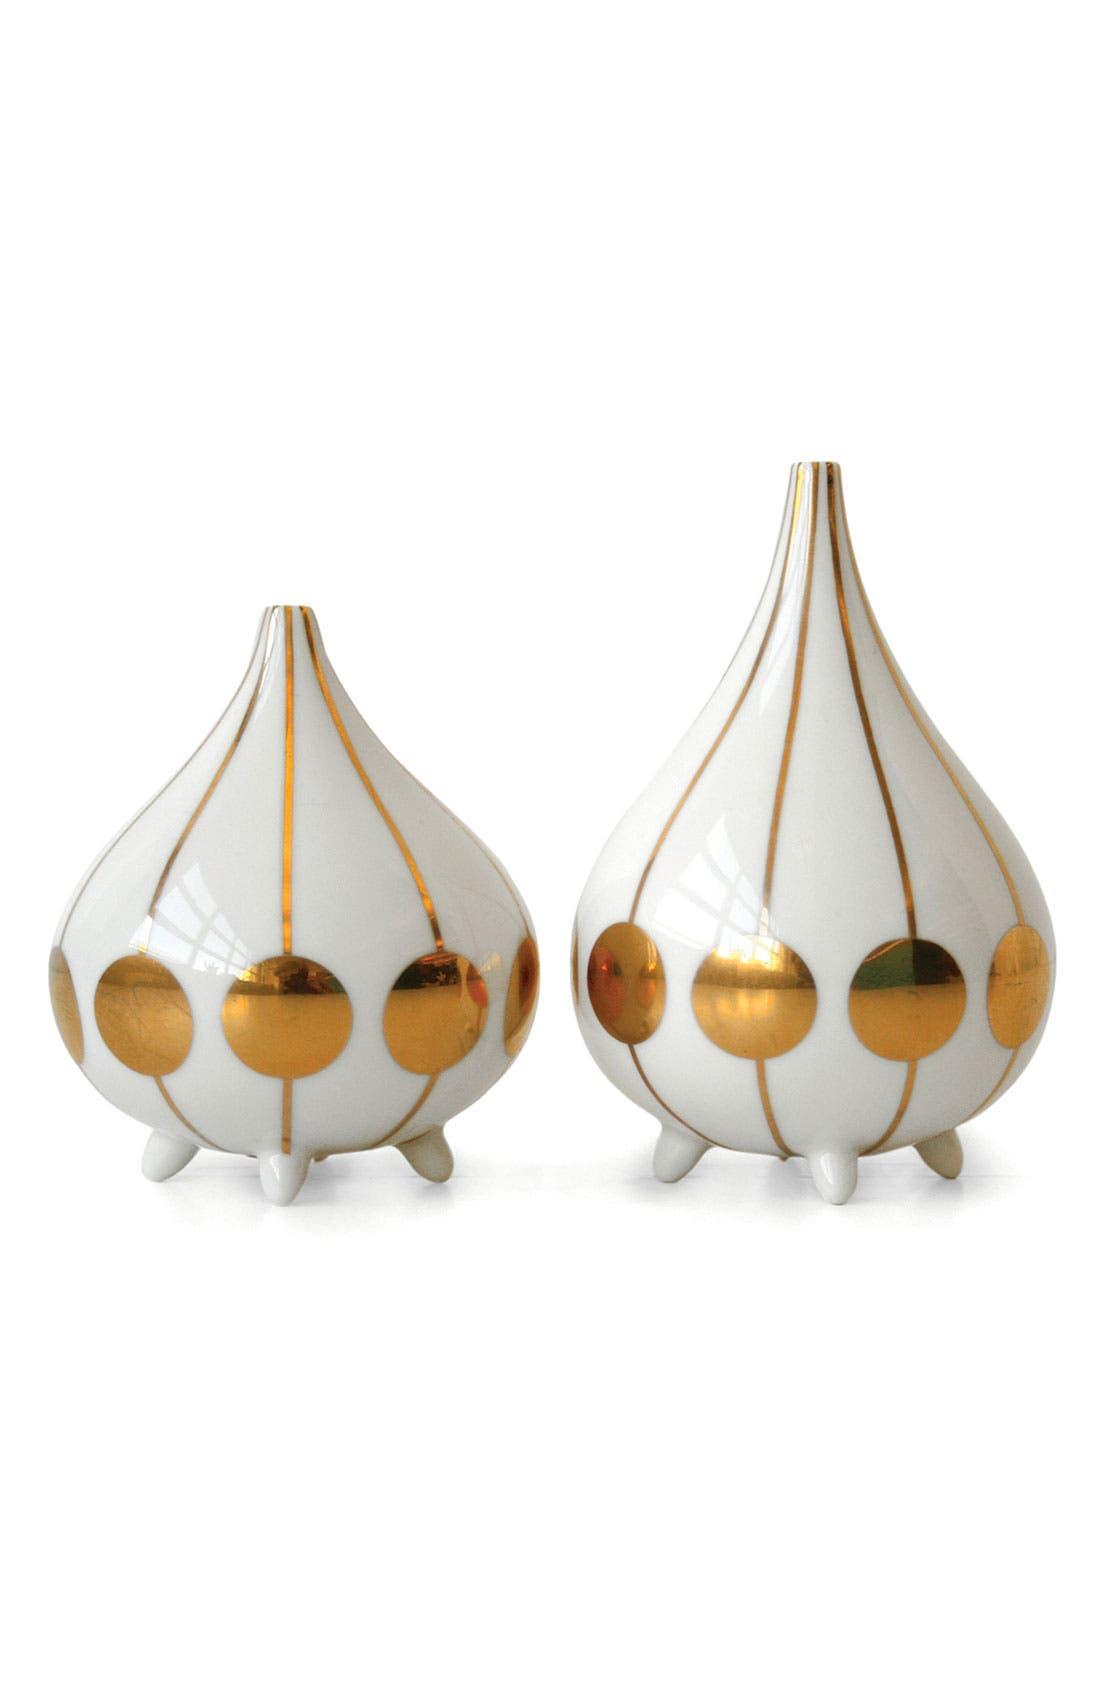 Alternate Image 1 Selected - Jonathan Adler 'Futura' Salt & Pepper Shakers